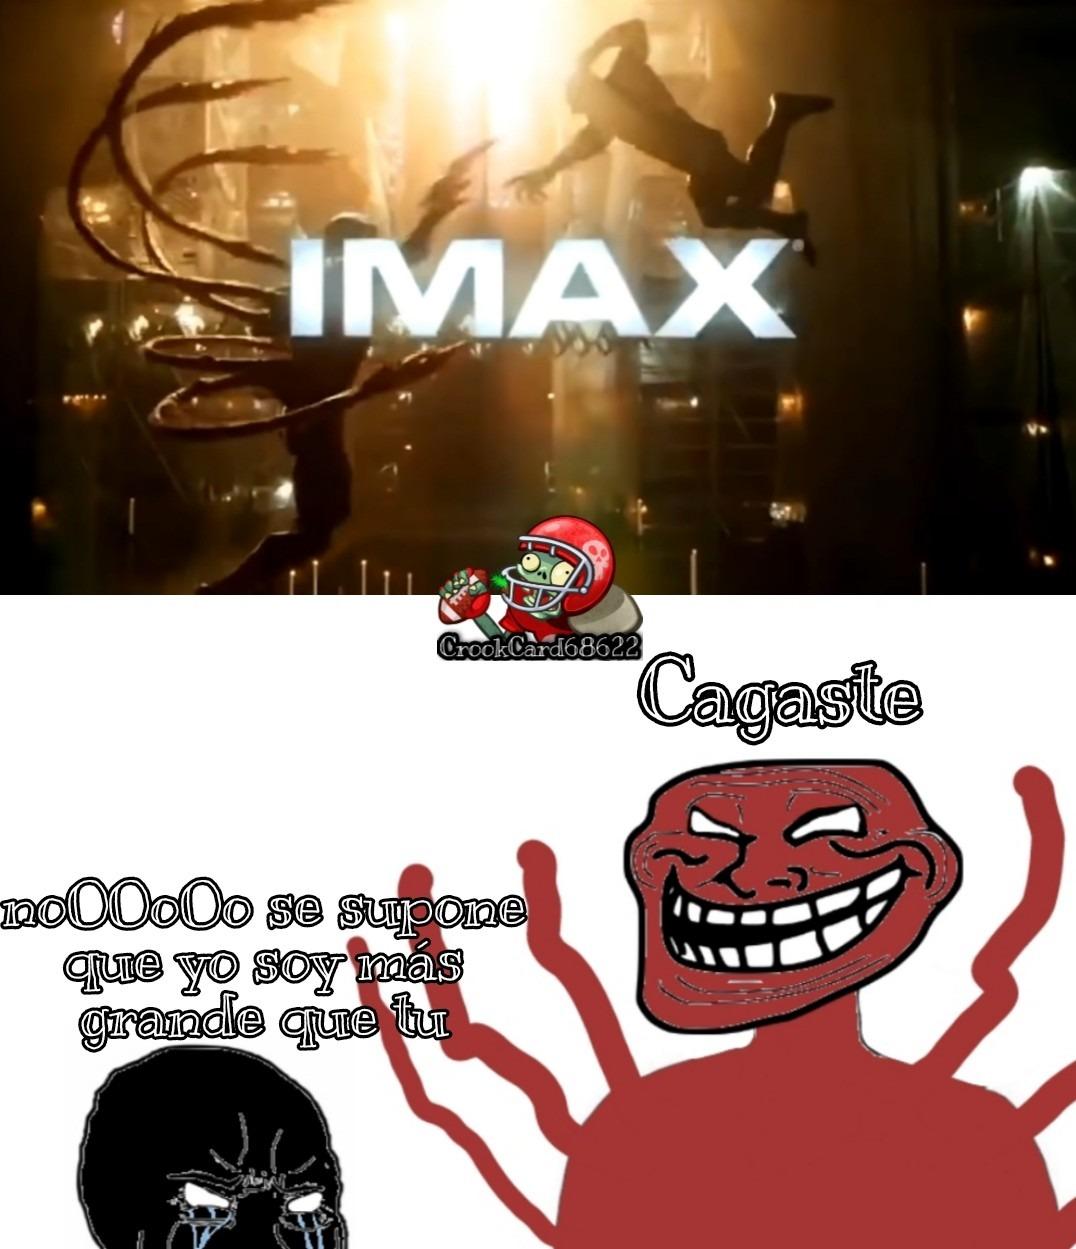 No veo como venom vencería a carnage en la película, Pd: eso es de un tv spot - meme